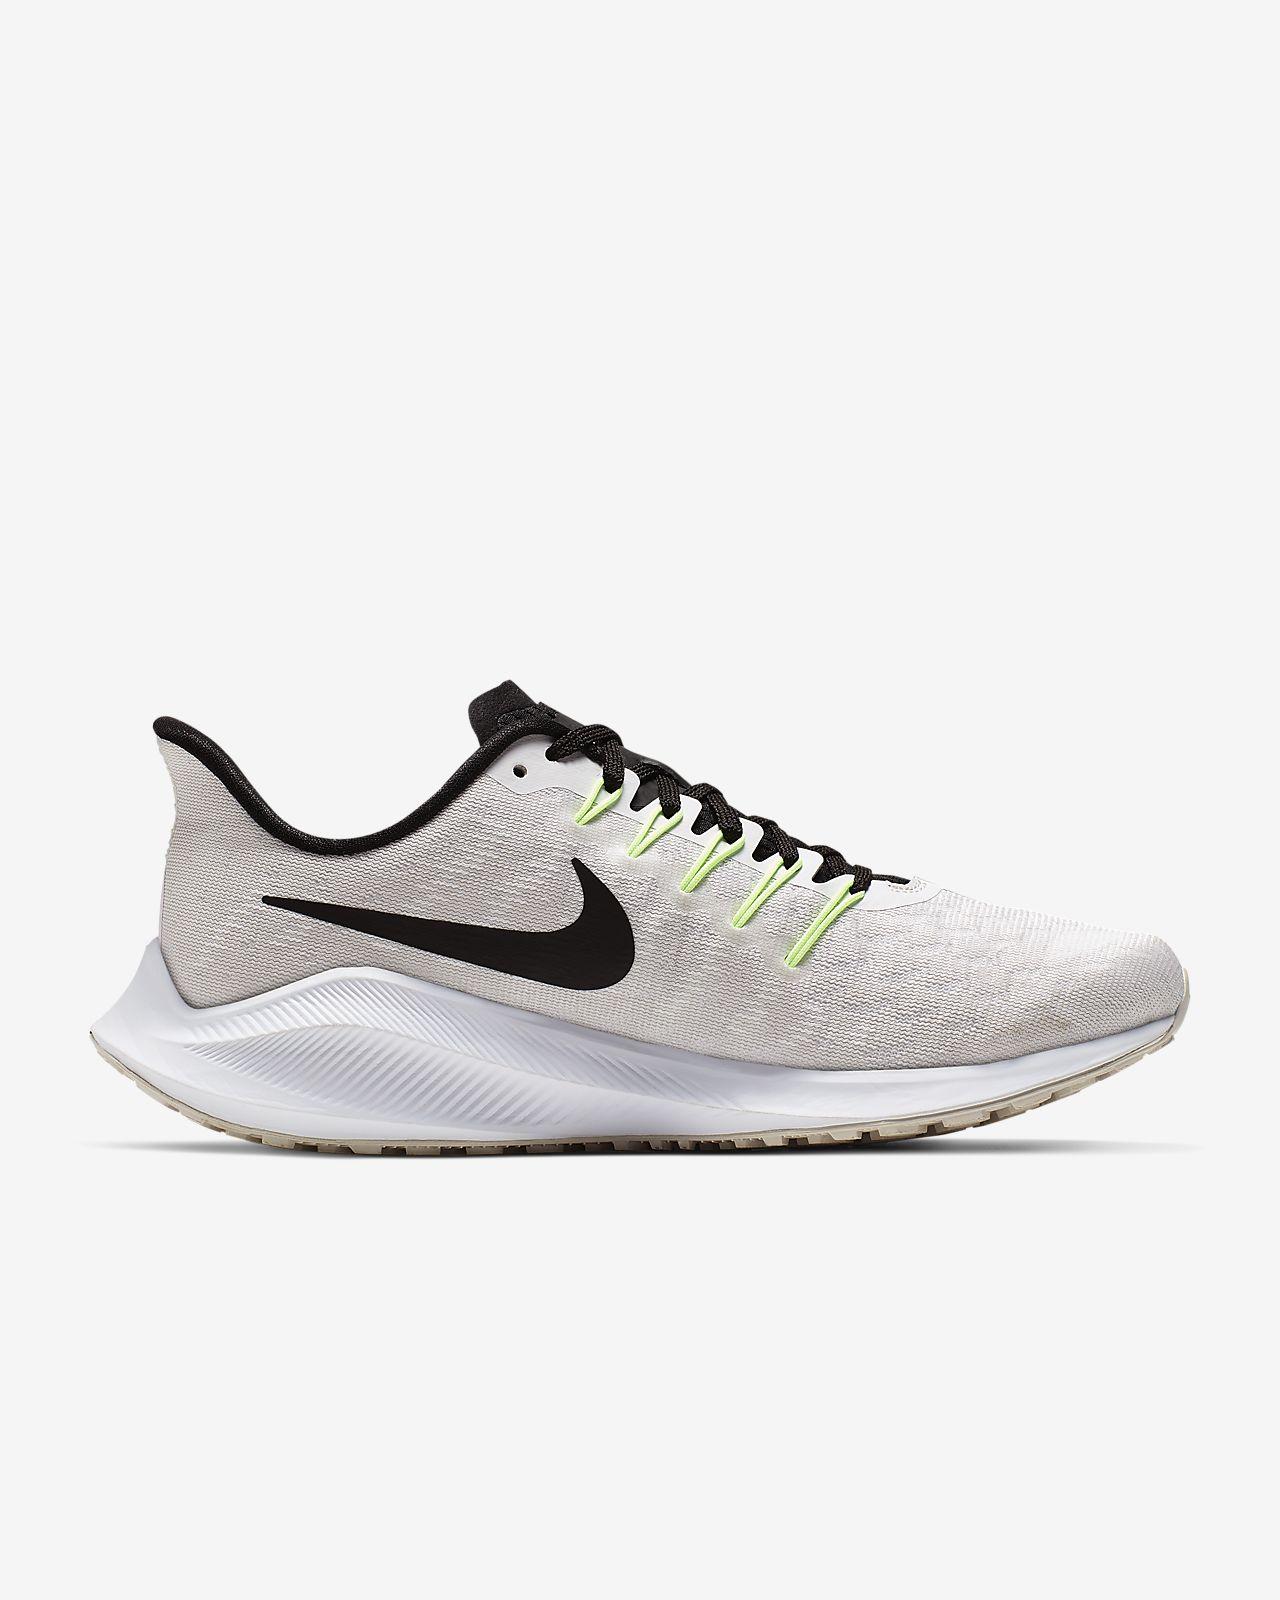 7763298f285c7 Nike Air Zoom Vomero 14 Women s Running Shoe. Nike.com ZA